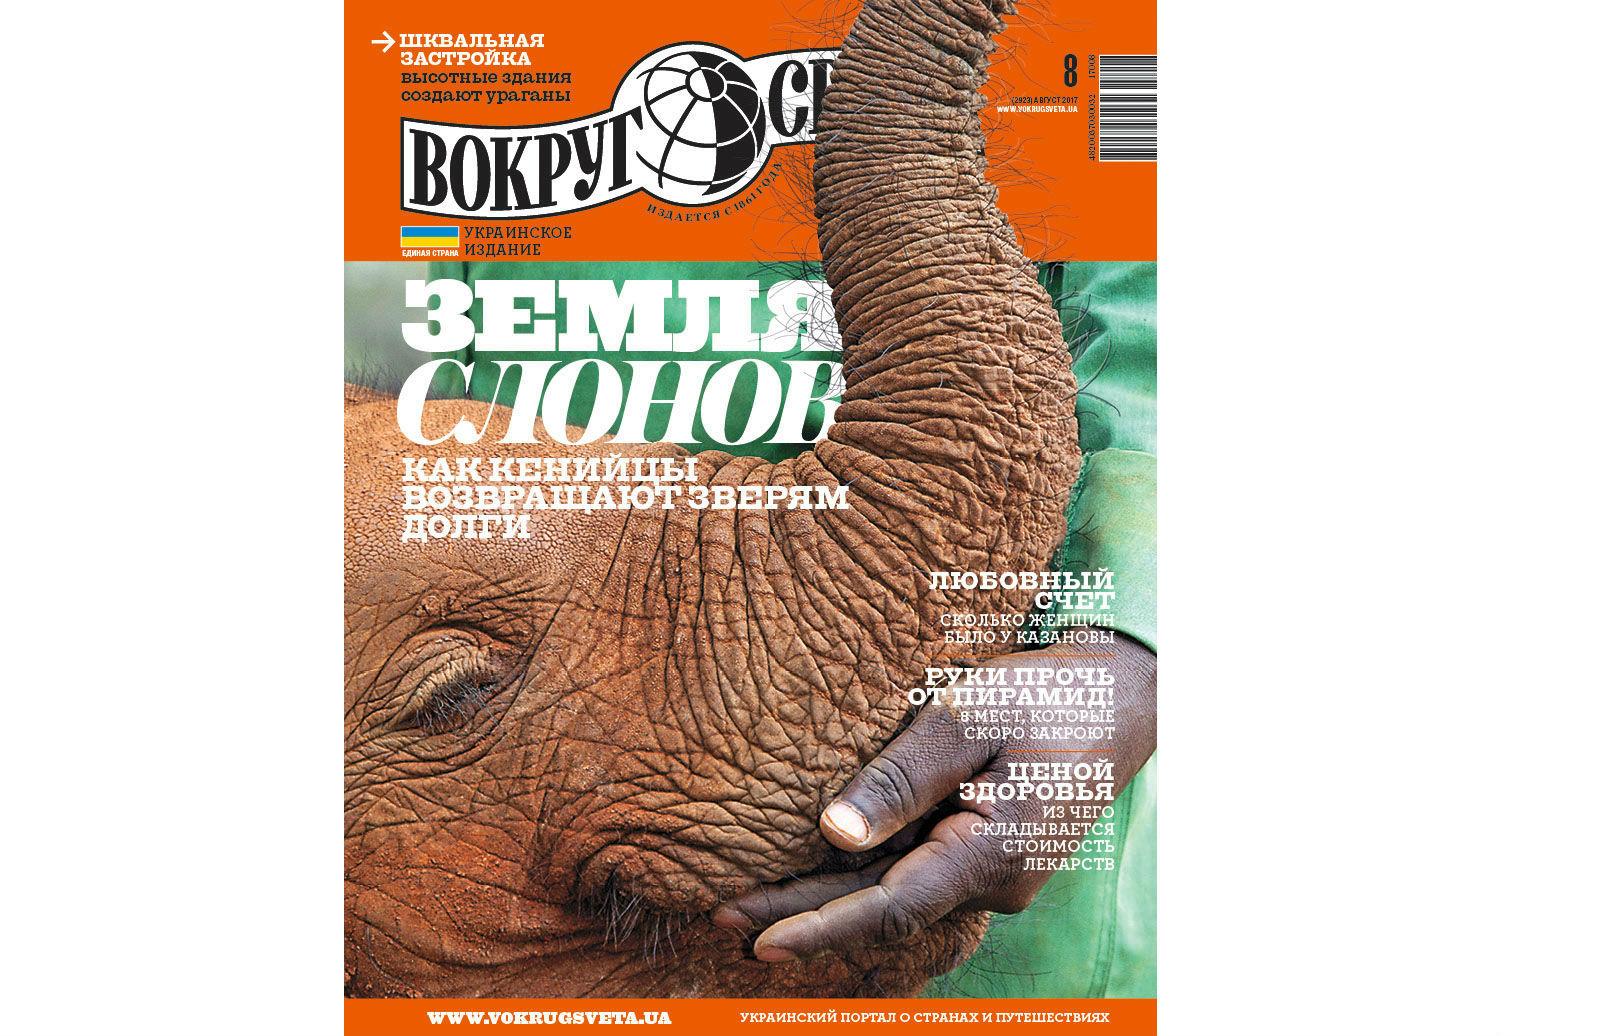 «Вокруг света» №8: Земля слонов